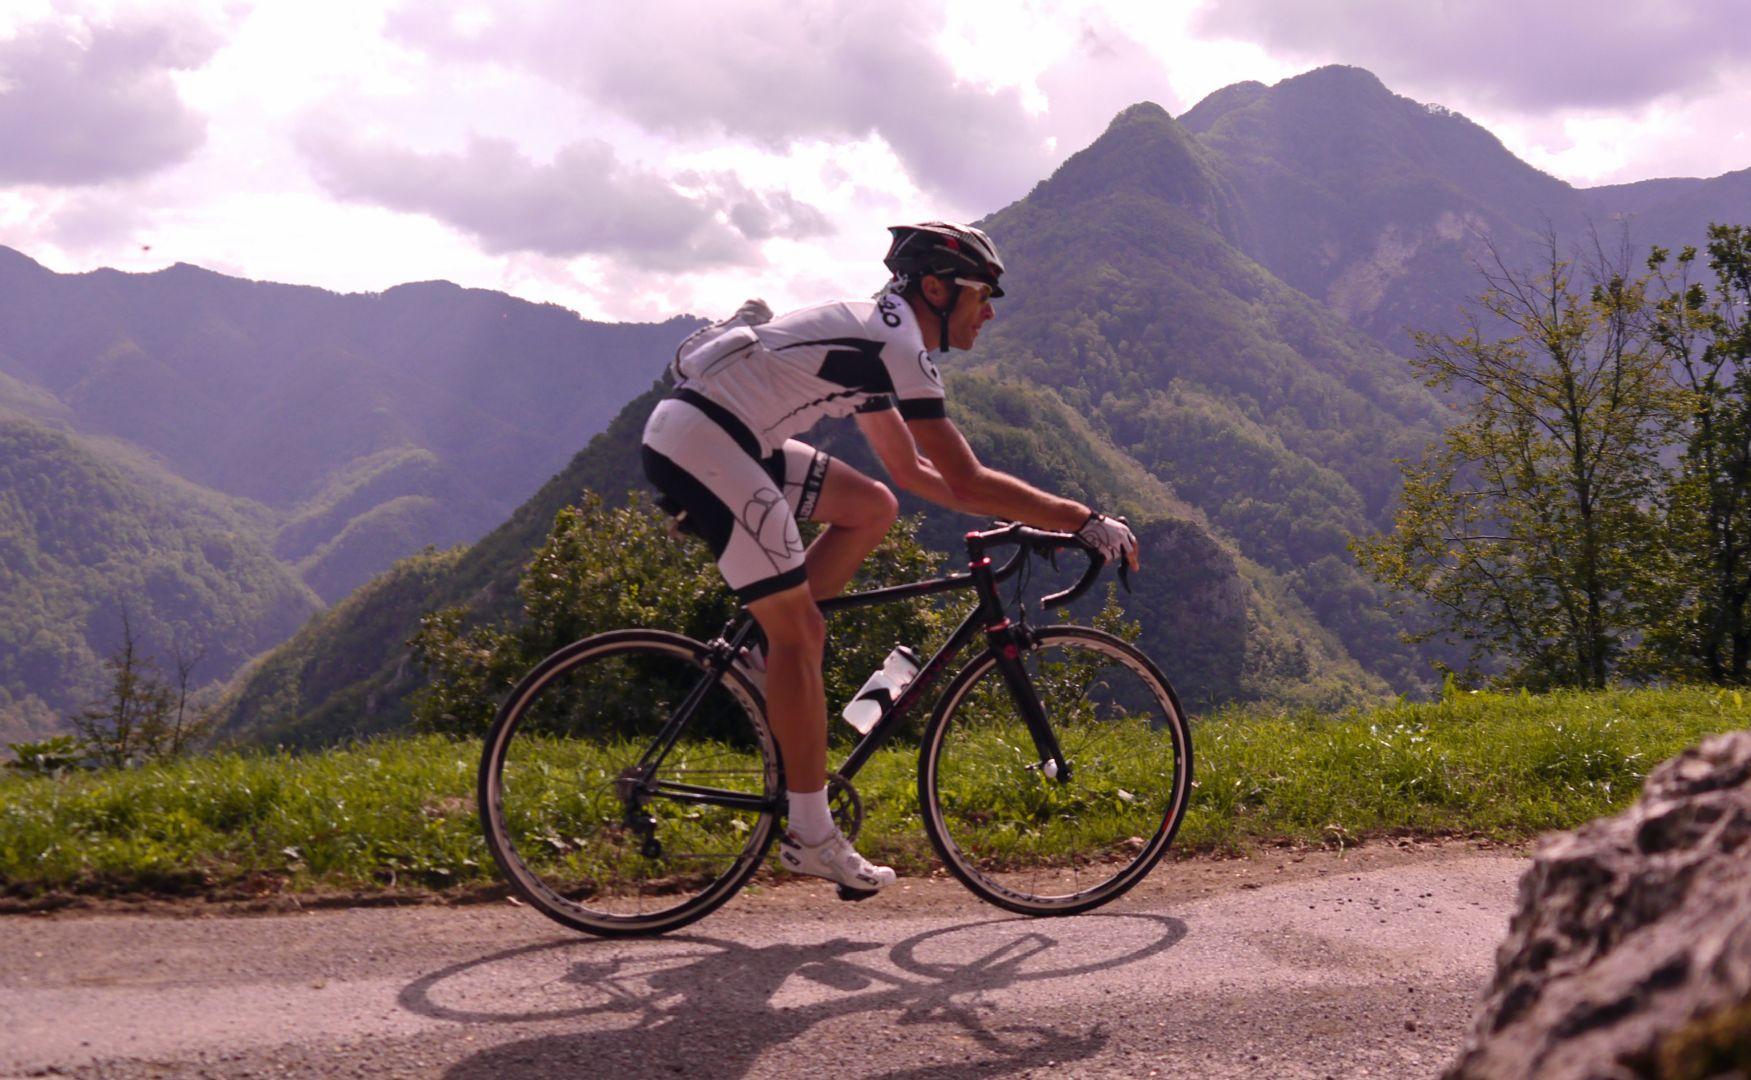 Mountains of Tuscany.jpg - Italy - Garfagnana - The Mountains of Tuscany - Italia Road Cycling